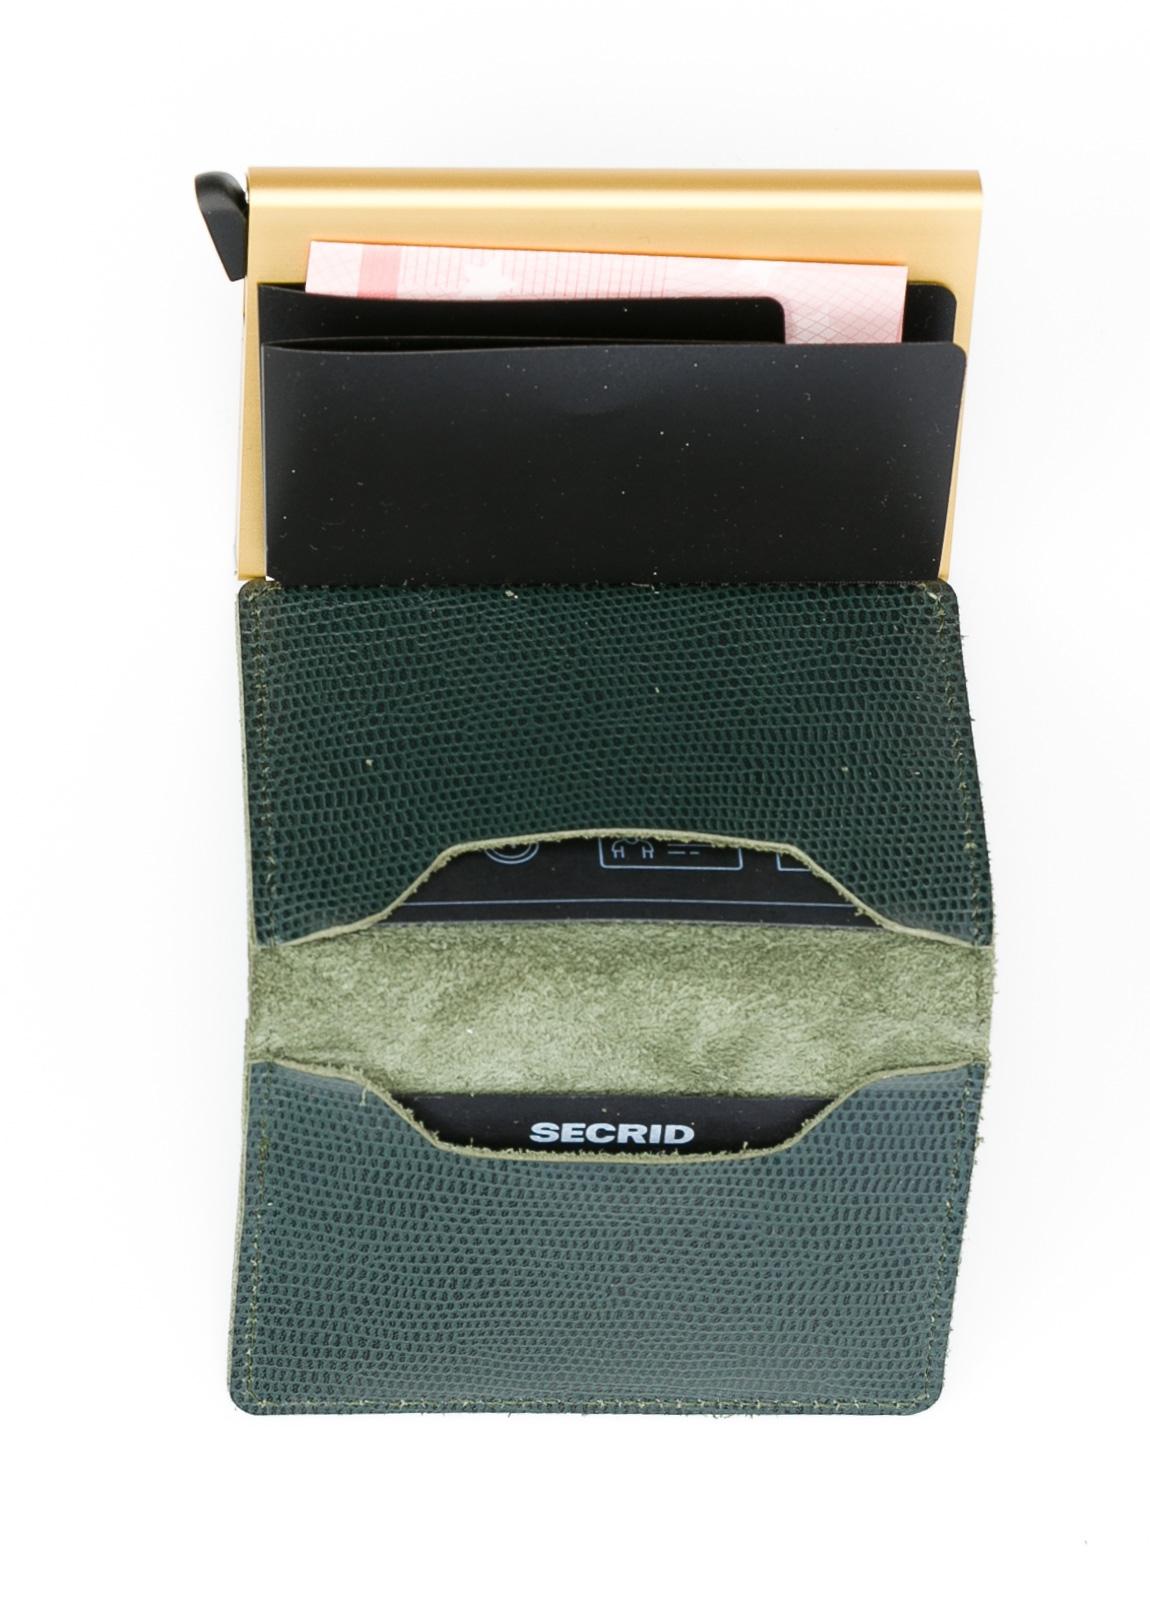 Secrid slim wallet color verde, con cardprotector de aluminio ultrafino. - Ítem1